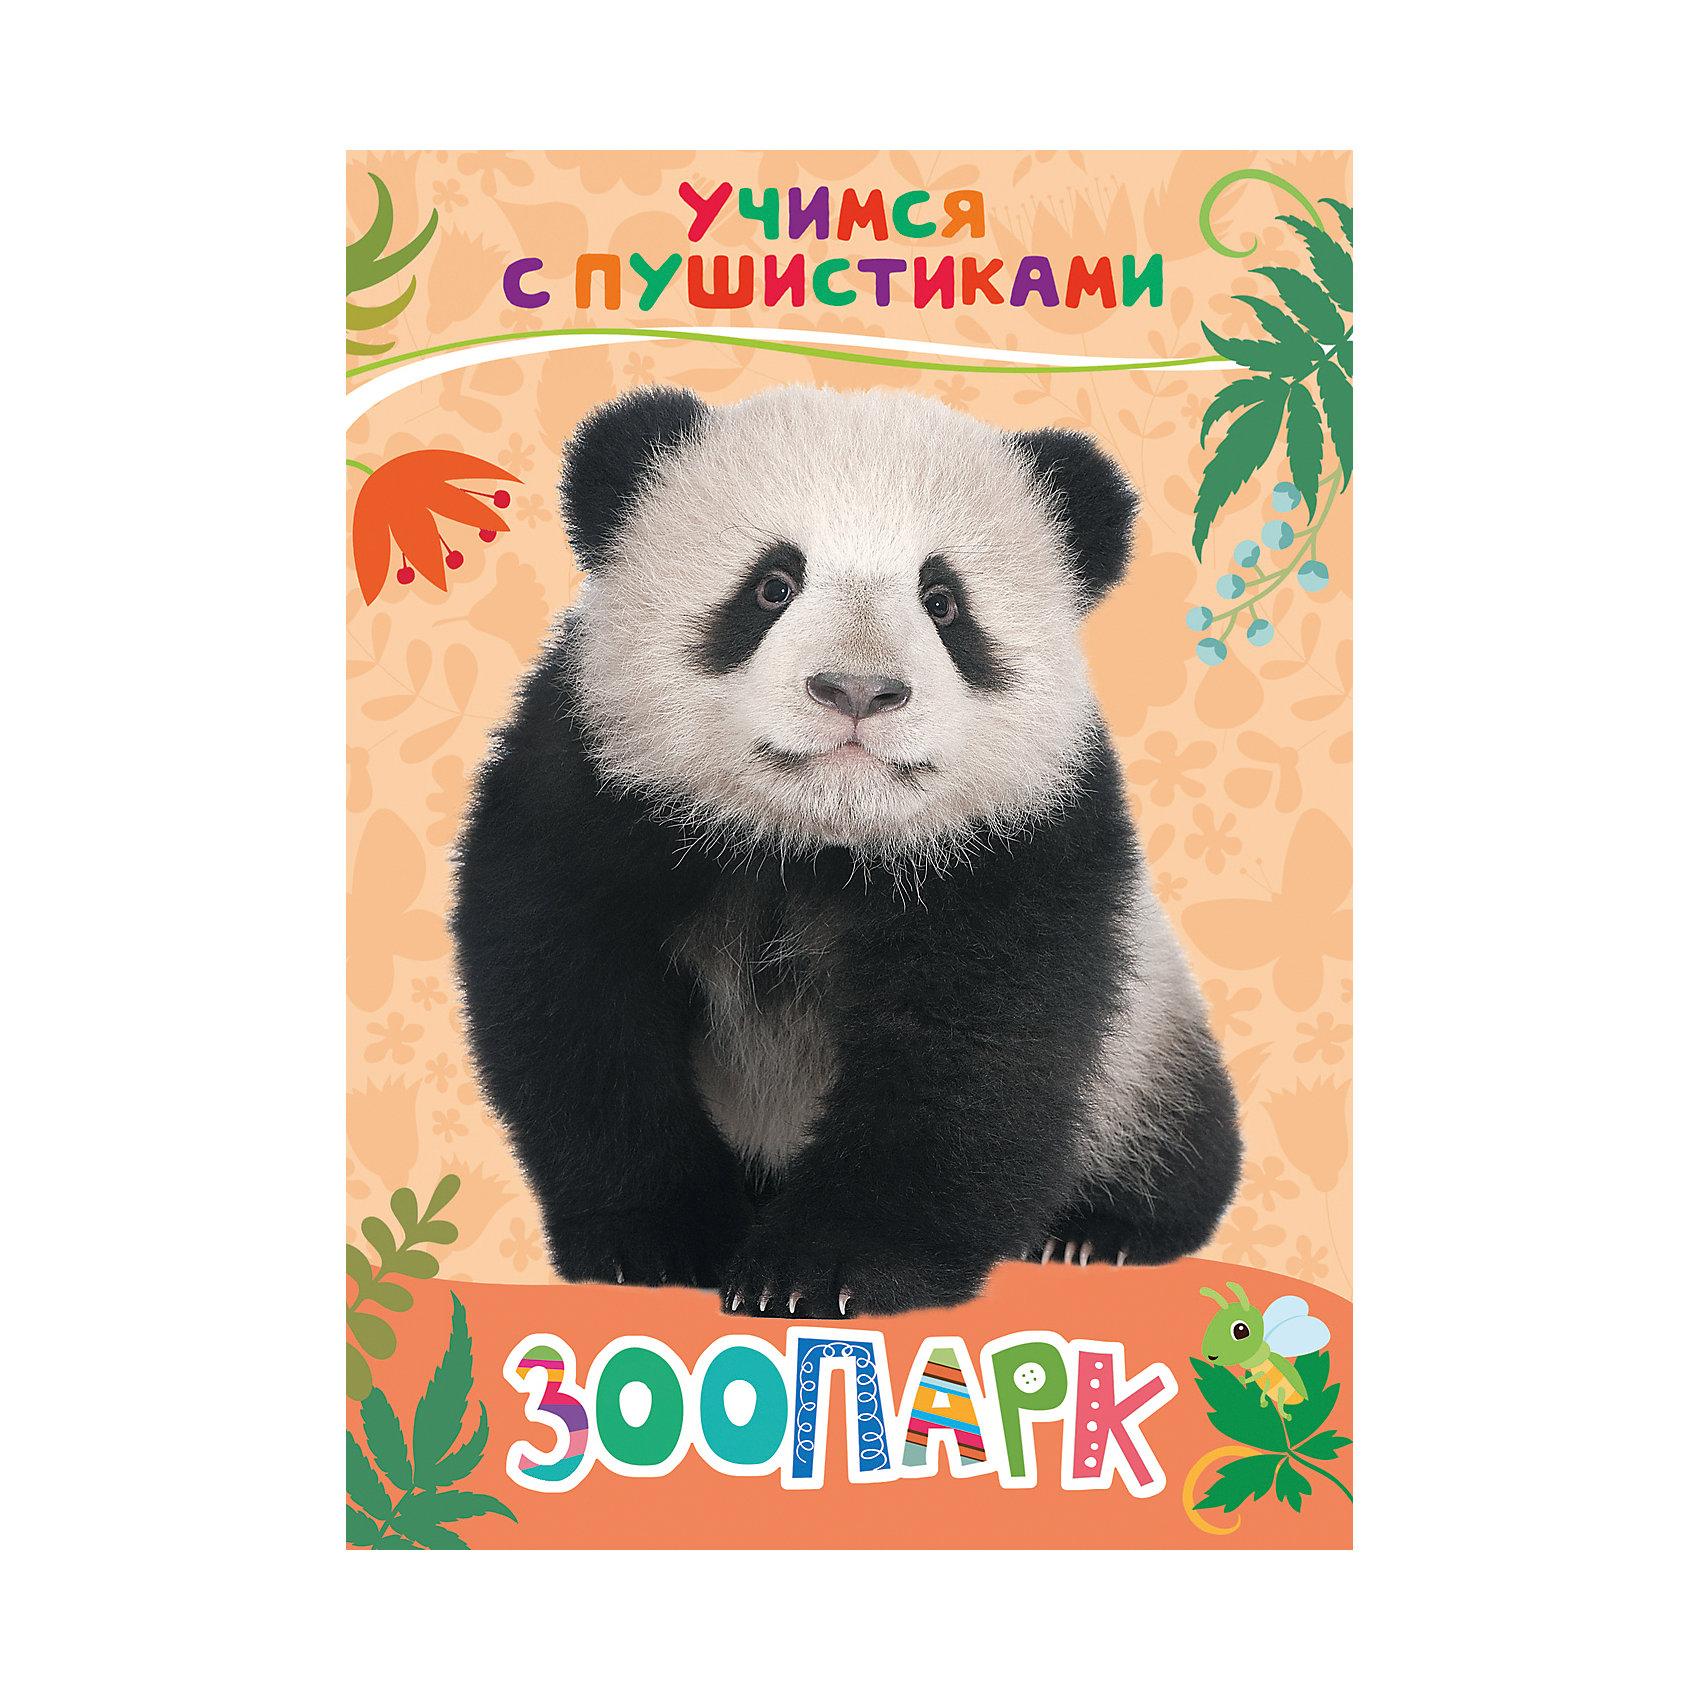 Стихи Зоопарк: учимся с пушистикамиСтихи<br>Стихи Зоопарк. Учимся с пушистиками<br><br>Характеристики:<br><br>• ISBN: 9785353081586<br>• Количество страниц: 8<br>• Формат: А4<br>• Обложка: твердая <br>• Материал: картон<br><br>Эта книга расскажет вашему ребенку об обитателях российского леса - лисах, ежах, енотах, белках и многих других удивительных животных, которых можно встретить на обычной прогулке за городом. Книга снабжена красочными фотографиями, рассматривая которые, ваш ребенок сможет ознакомиться с тем, как выглядят все эти звери. А занимательные стихи современной поэтессы - Галины Дядиной расскажут детям о том, как живут и как ведут себя эти удивительные создания.<br><br>Стихи Зоопарк. Учимся с пушистиками можно купить в нашем интернет-магазине.<br><br>Ширина мм: 218<br>Глубина мм: 159<br>Высота мм: 40<br>Вес г: 110<br>Возраст от месяцев: -2147483648<br>Возраст до месяцев: 2147483647<br>Пол: Унисекс<br>Возраст: Детский<br>SKU: 5507120